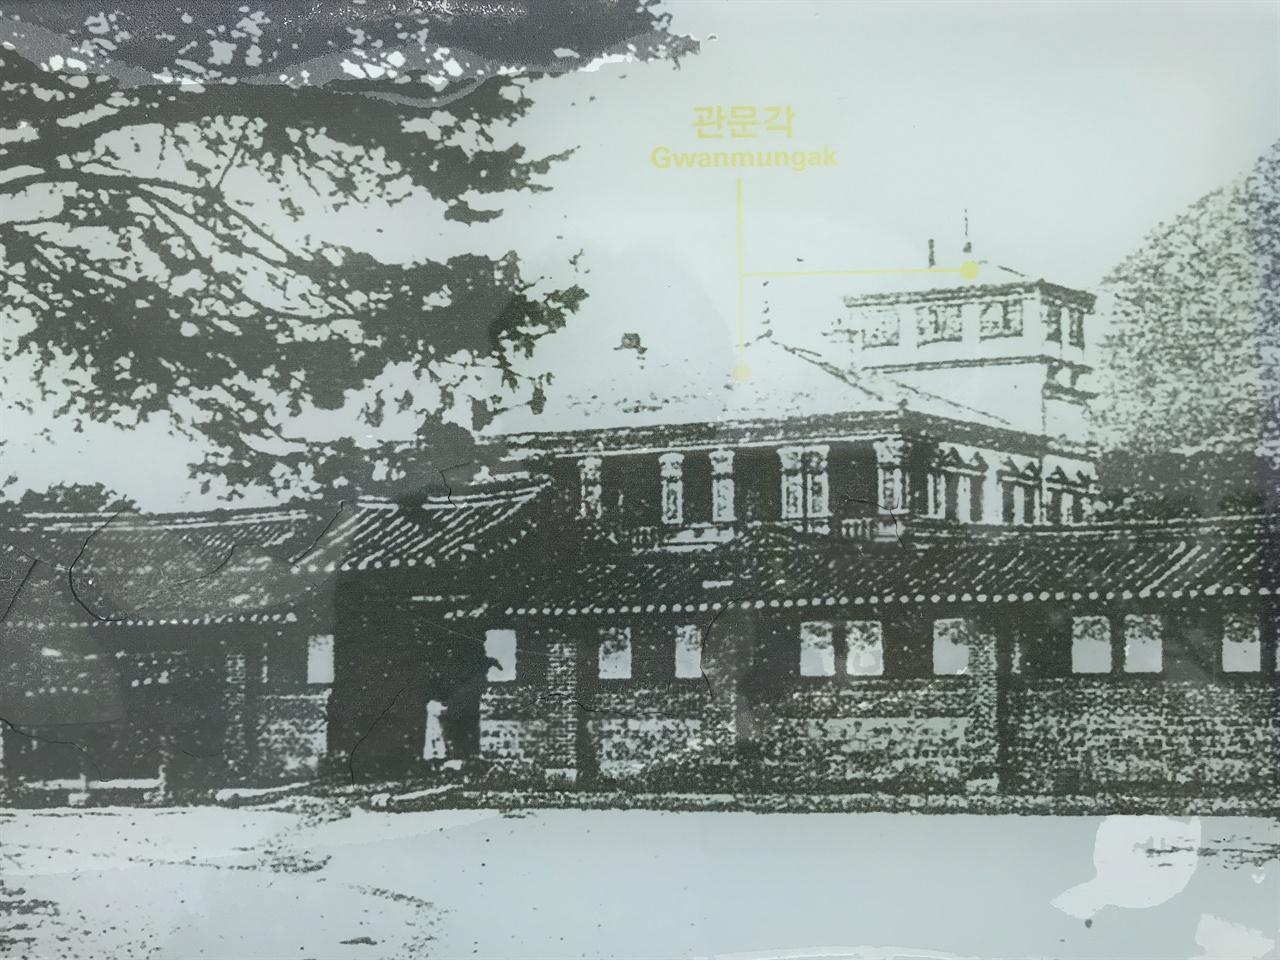 관문각 건청궁 장안당 뒤편에 지은 건물로 궁안에 세운 최초의 서양식 건물로 알려져 있다. 1873년 지은 관문각을 설계한 사람은 사바틴이다. 관문각은 부실공사로 인해 1901년 헐렸다. 복원된 건청궁 안에 '관문각터'가 남아 있다.